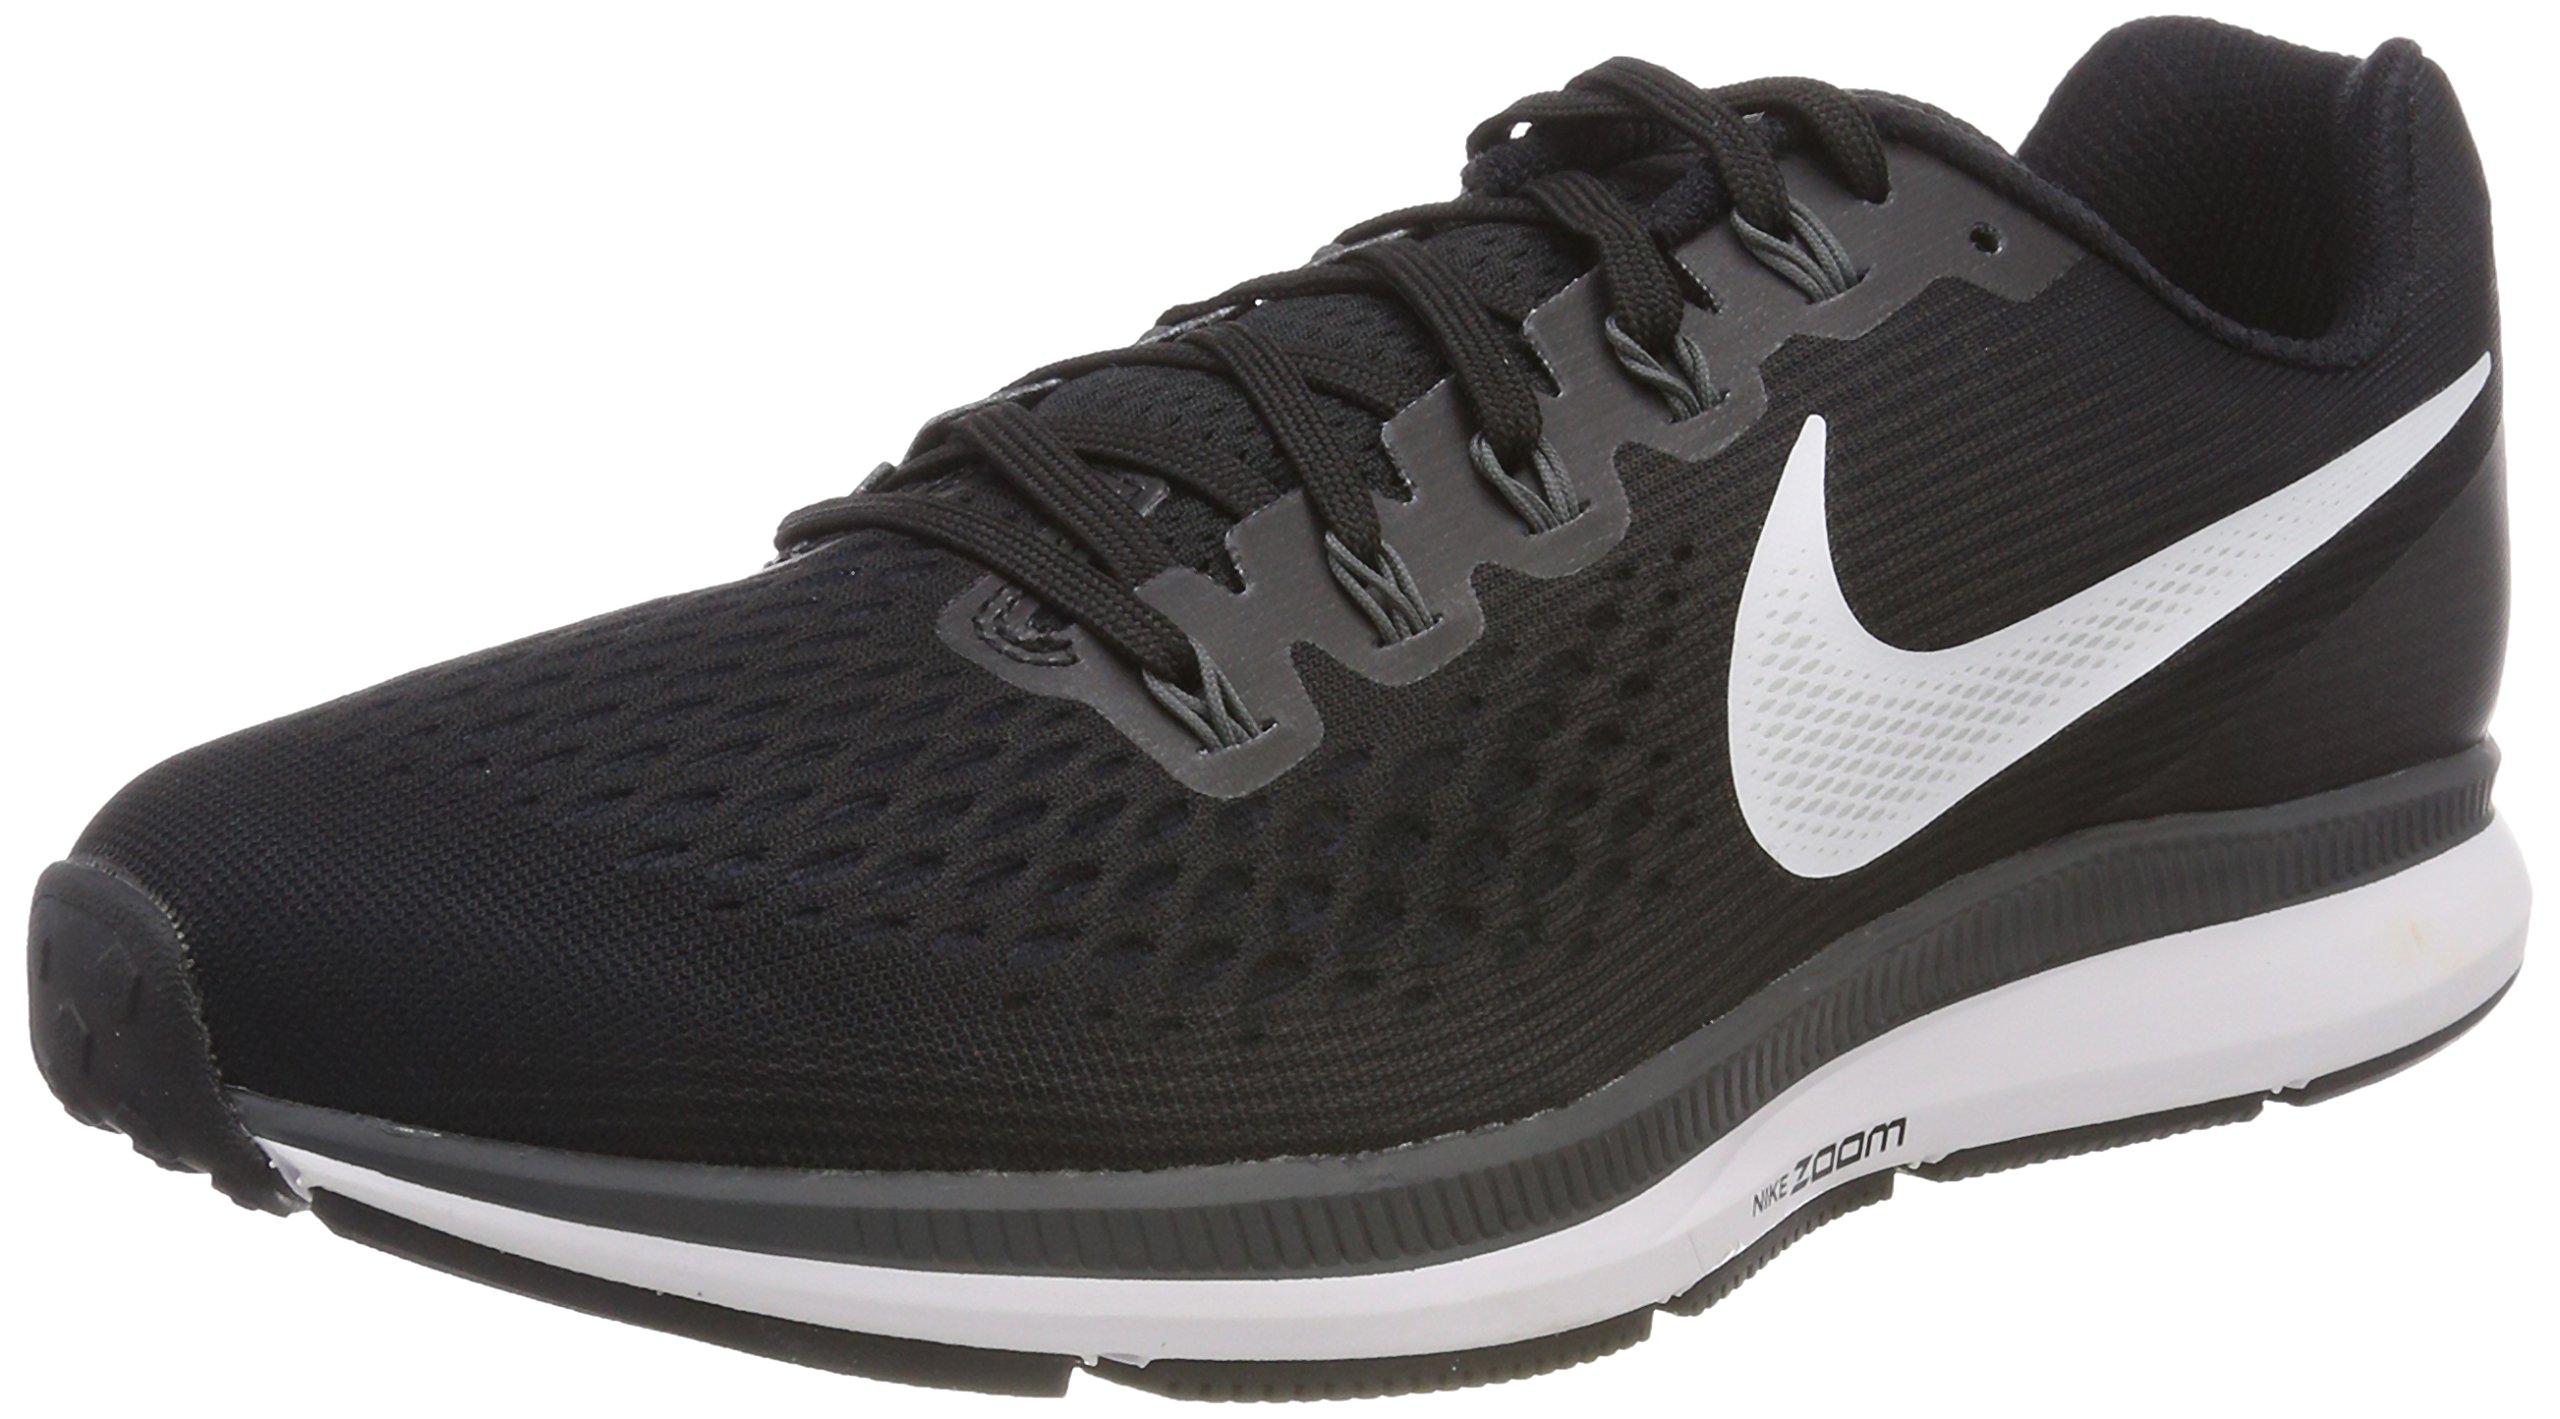 Nike Women's Air Zoom Pegasus 34 Running Shoe (Black/White/Dark Grey/Anthracite, 5 B(M) US)